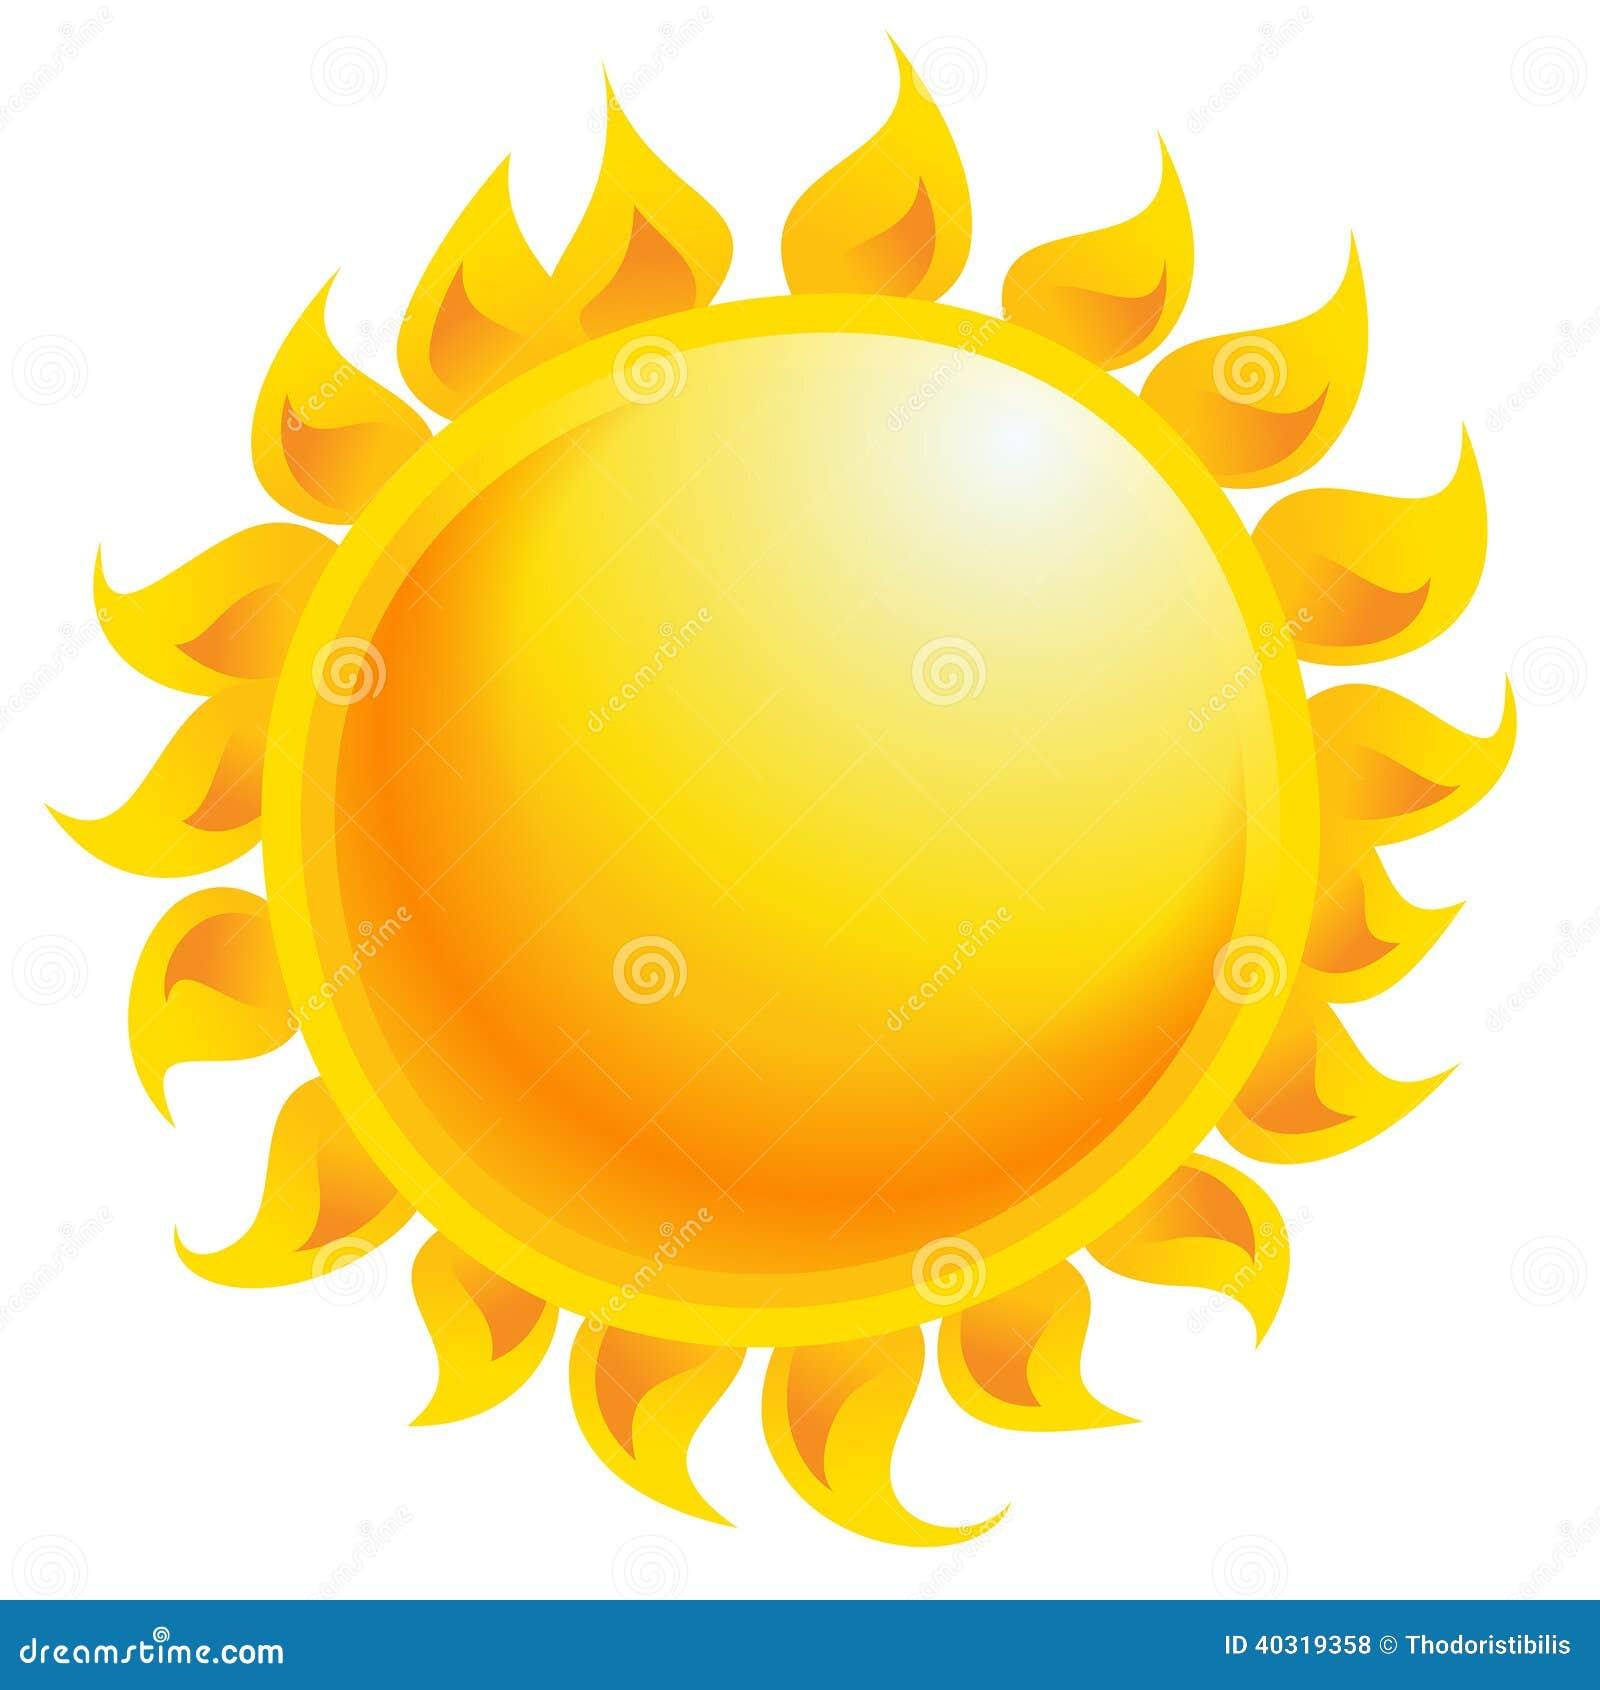 Żółtej kreskówki słońca wektorowy jaśnienie odizolowywający w białym tle